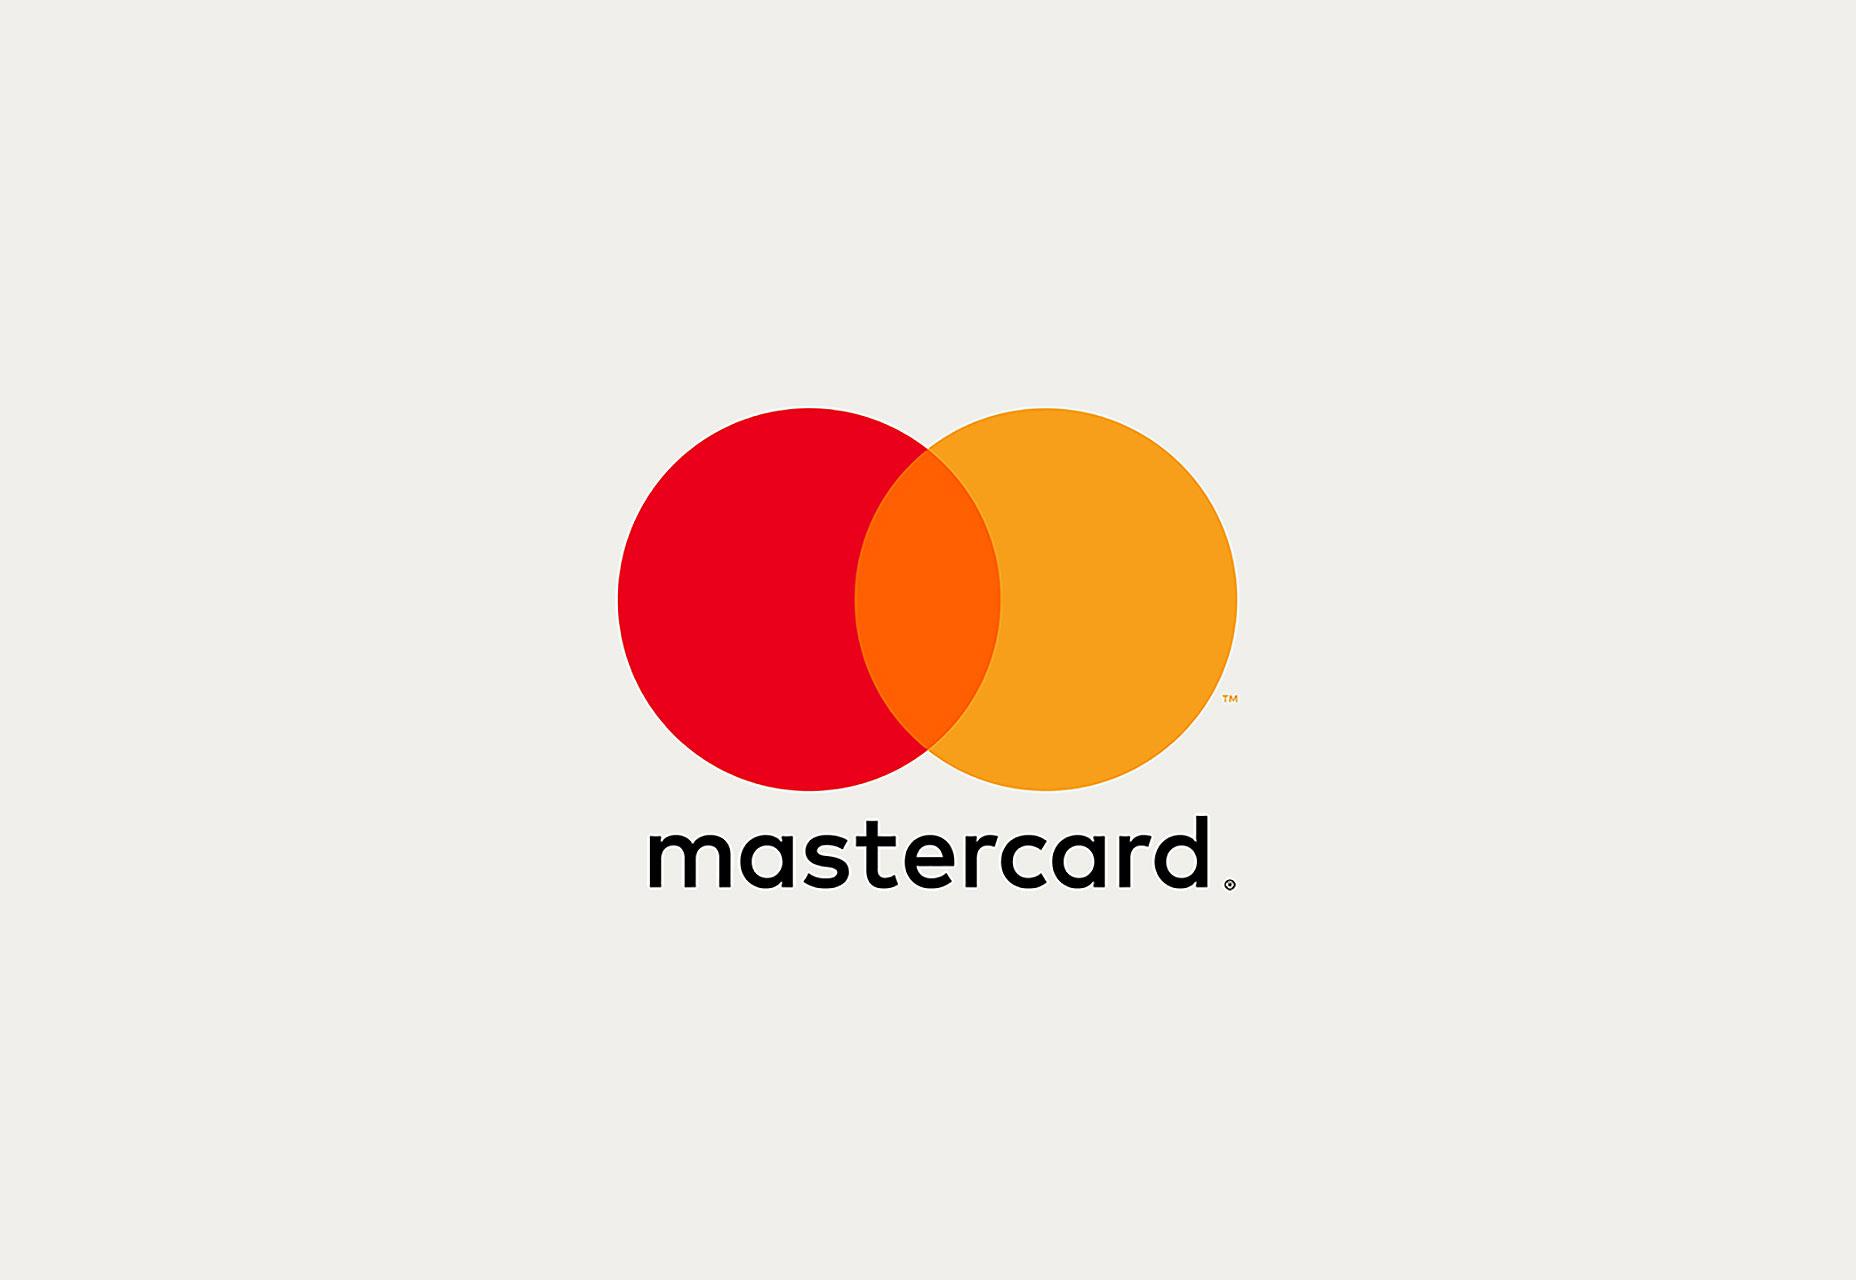 mastercard-renueva-imagen-1